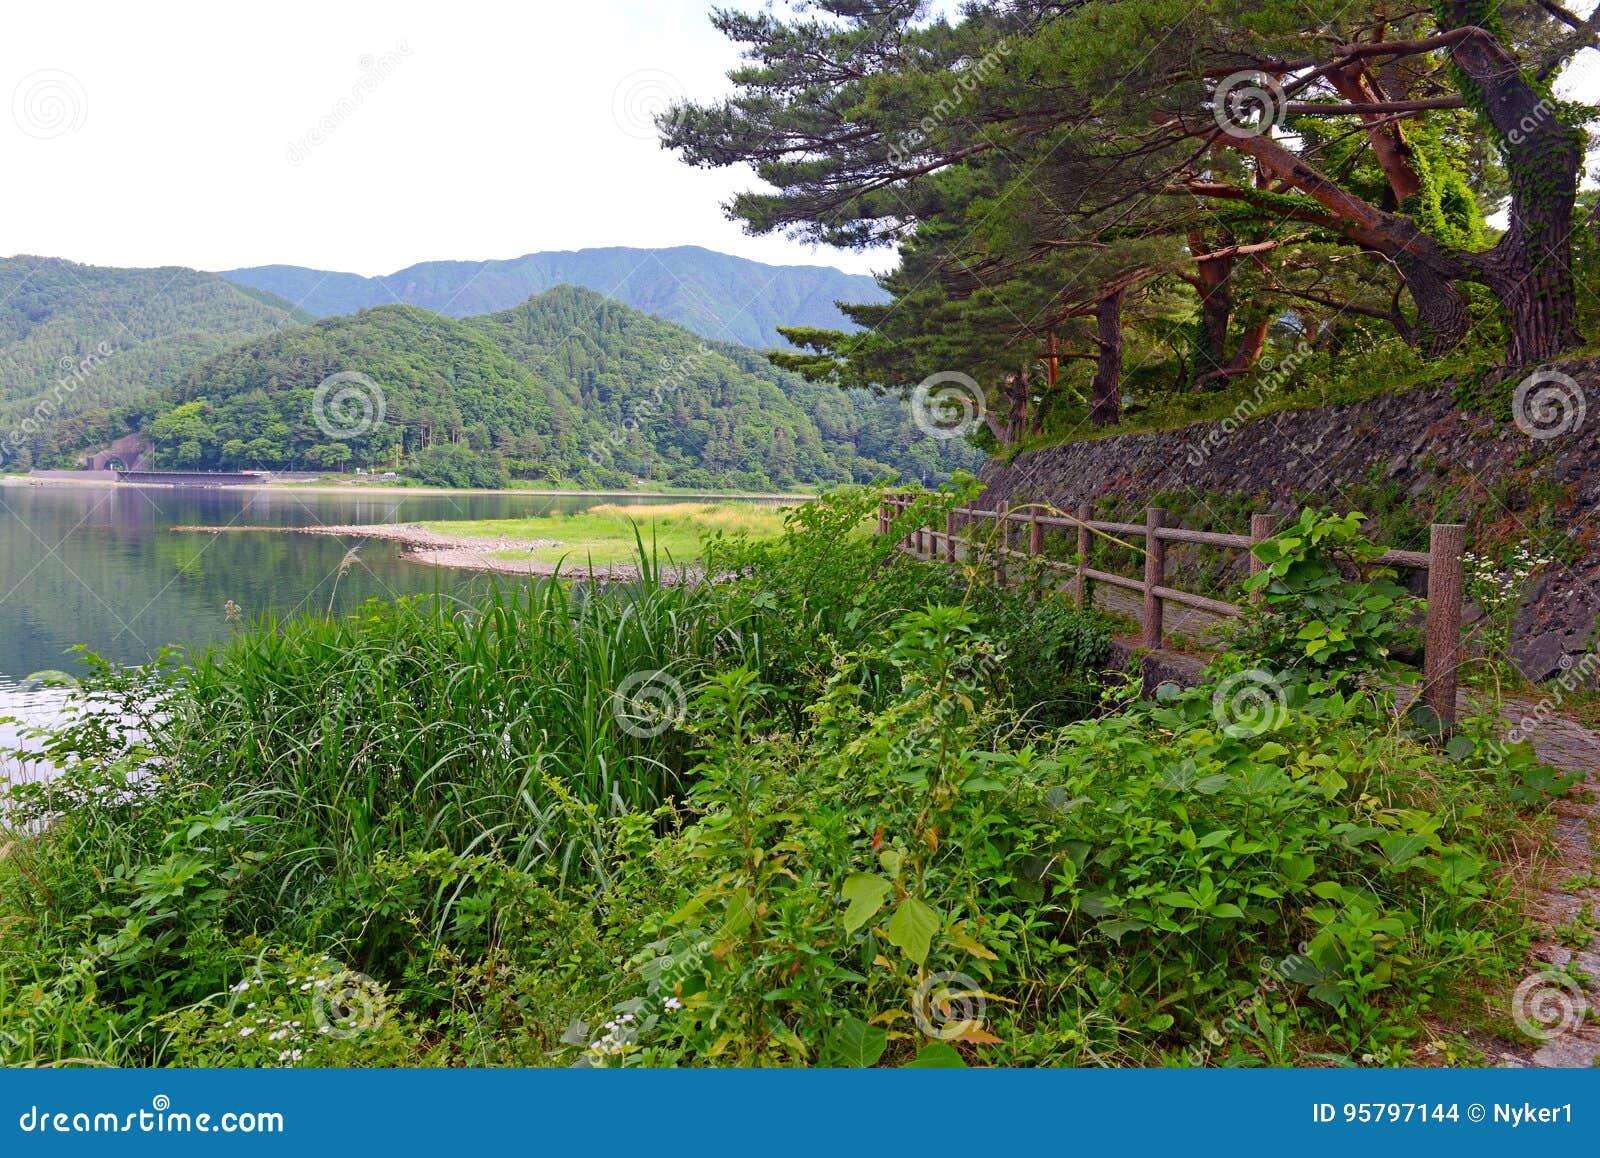 Fridsam naturplats med gröna berg, träd och sjön i Kawaguchiko nära Mount Fuji